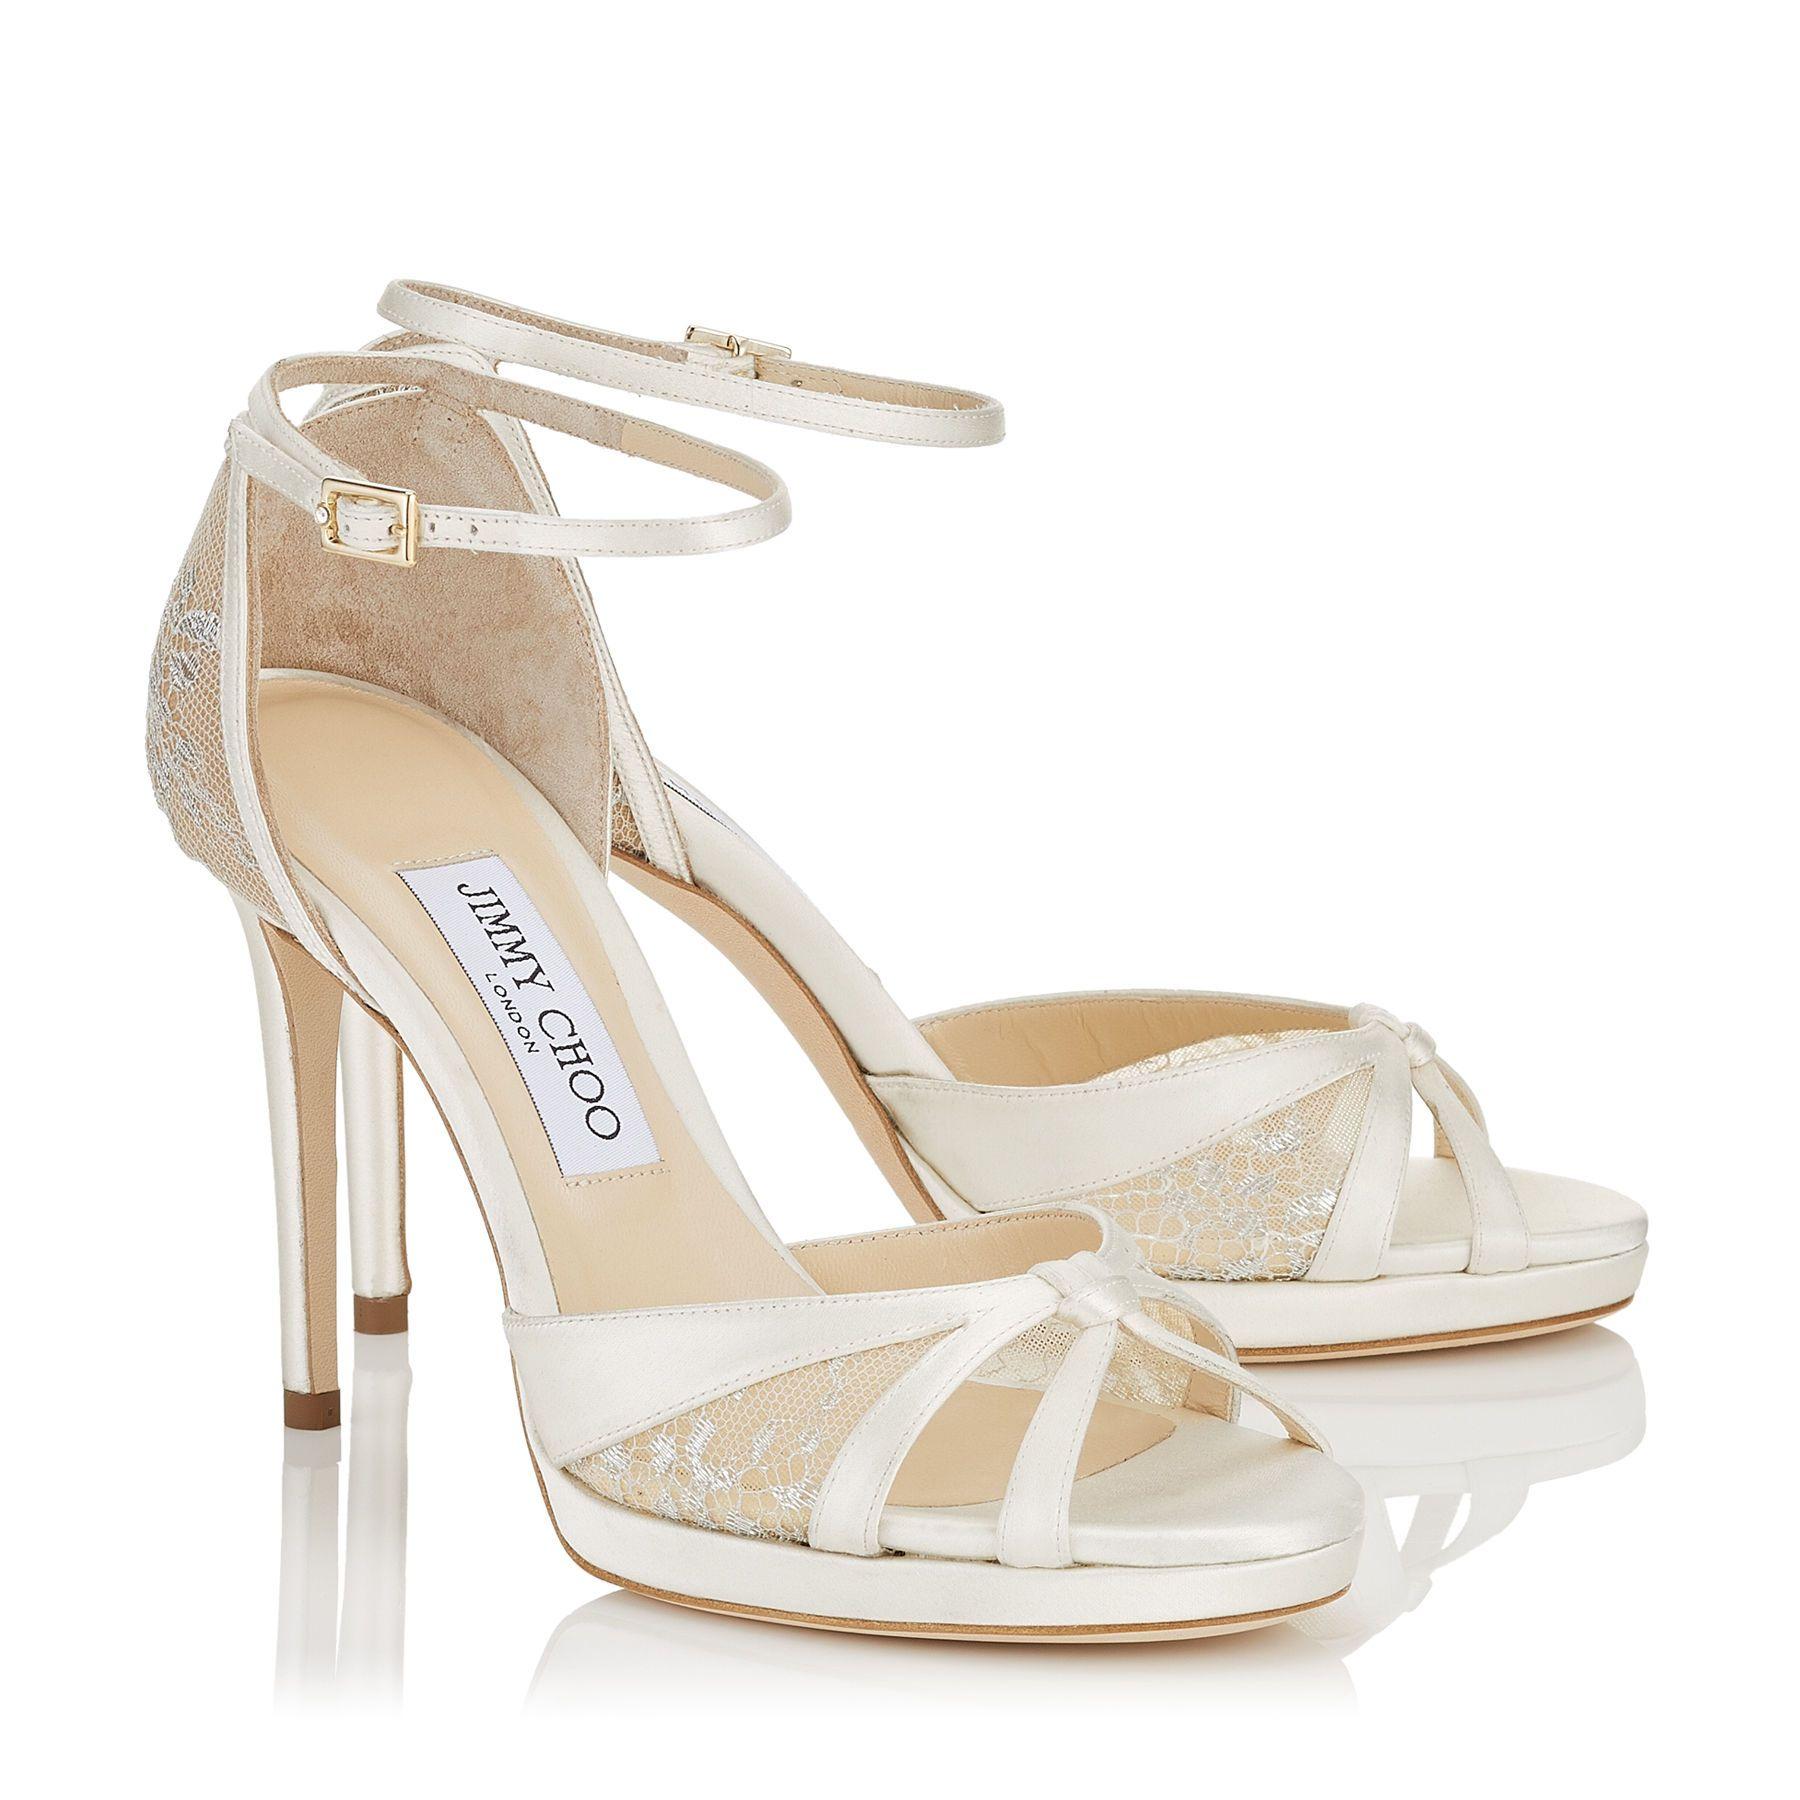 Jimmy Choo TALIA 100   Lace sandals